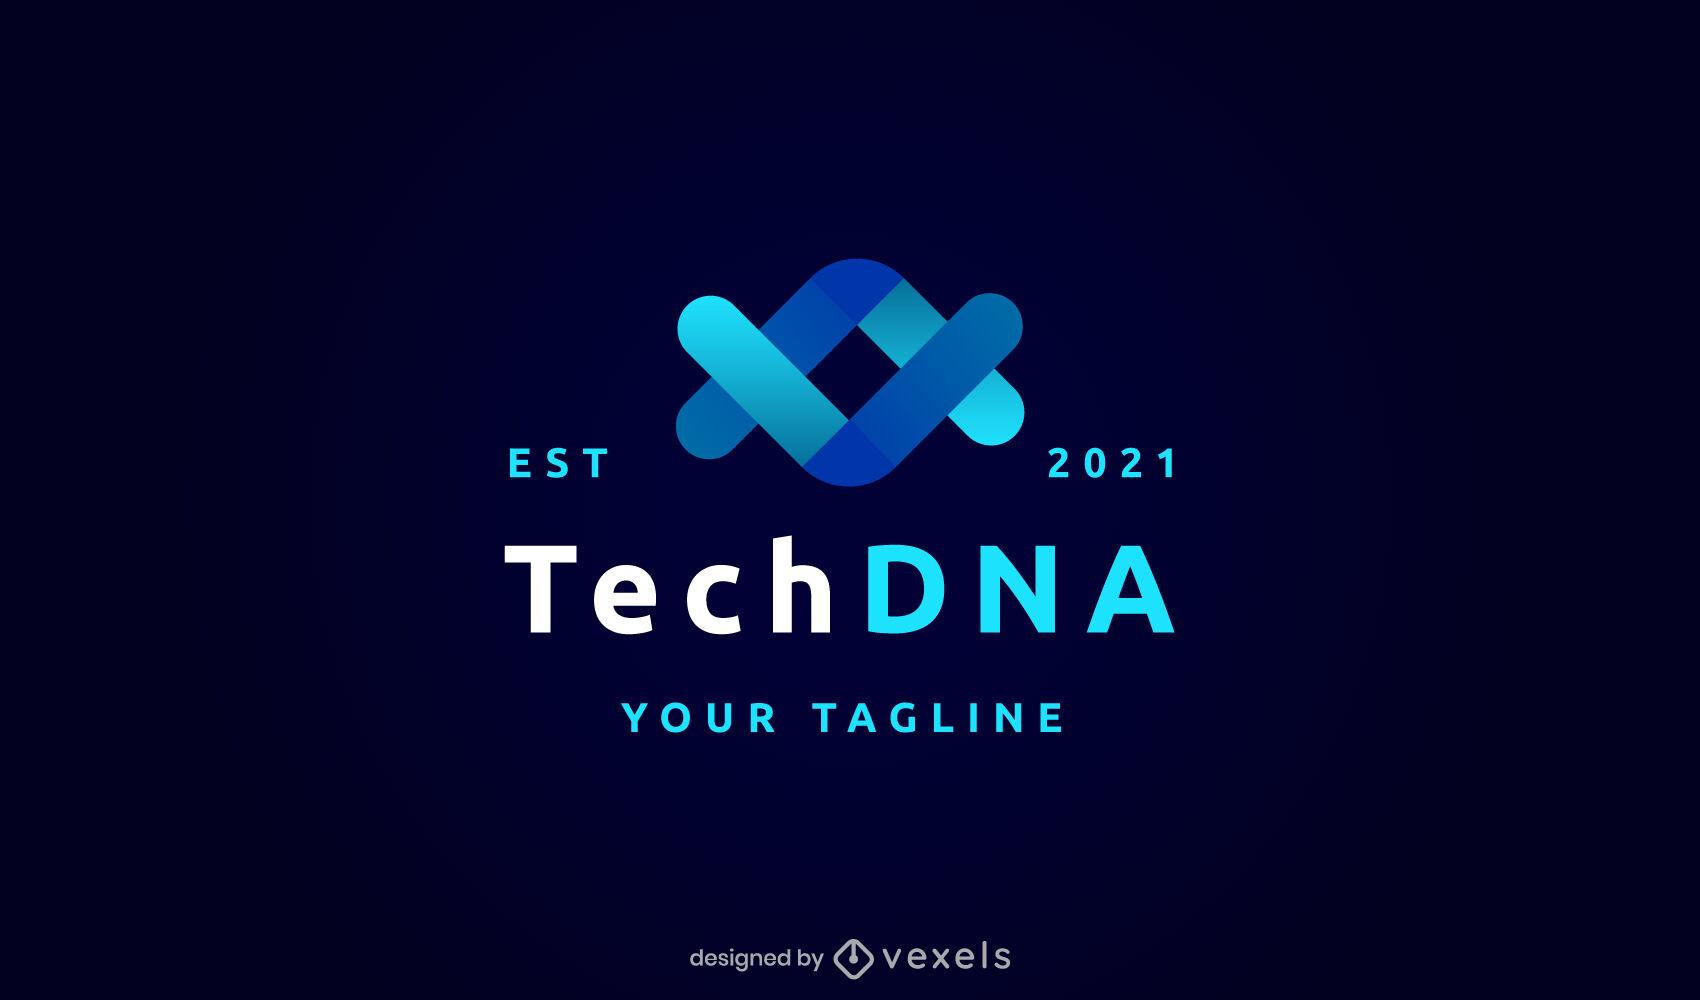 Dna genetic logo gradient